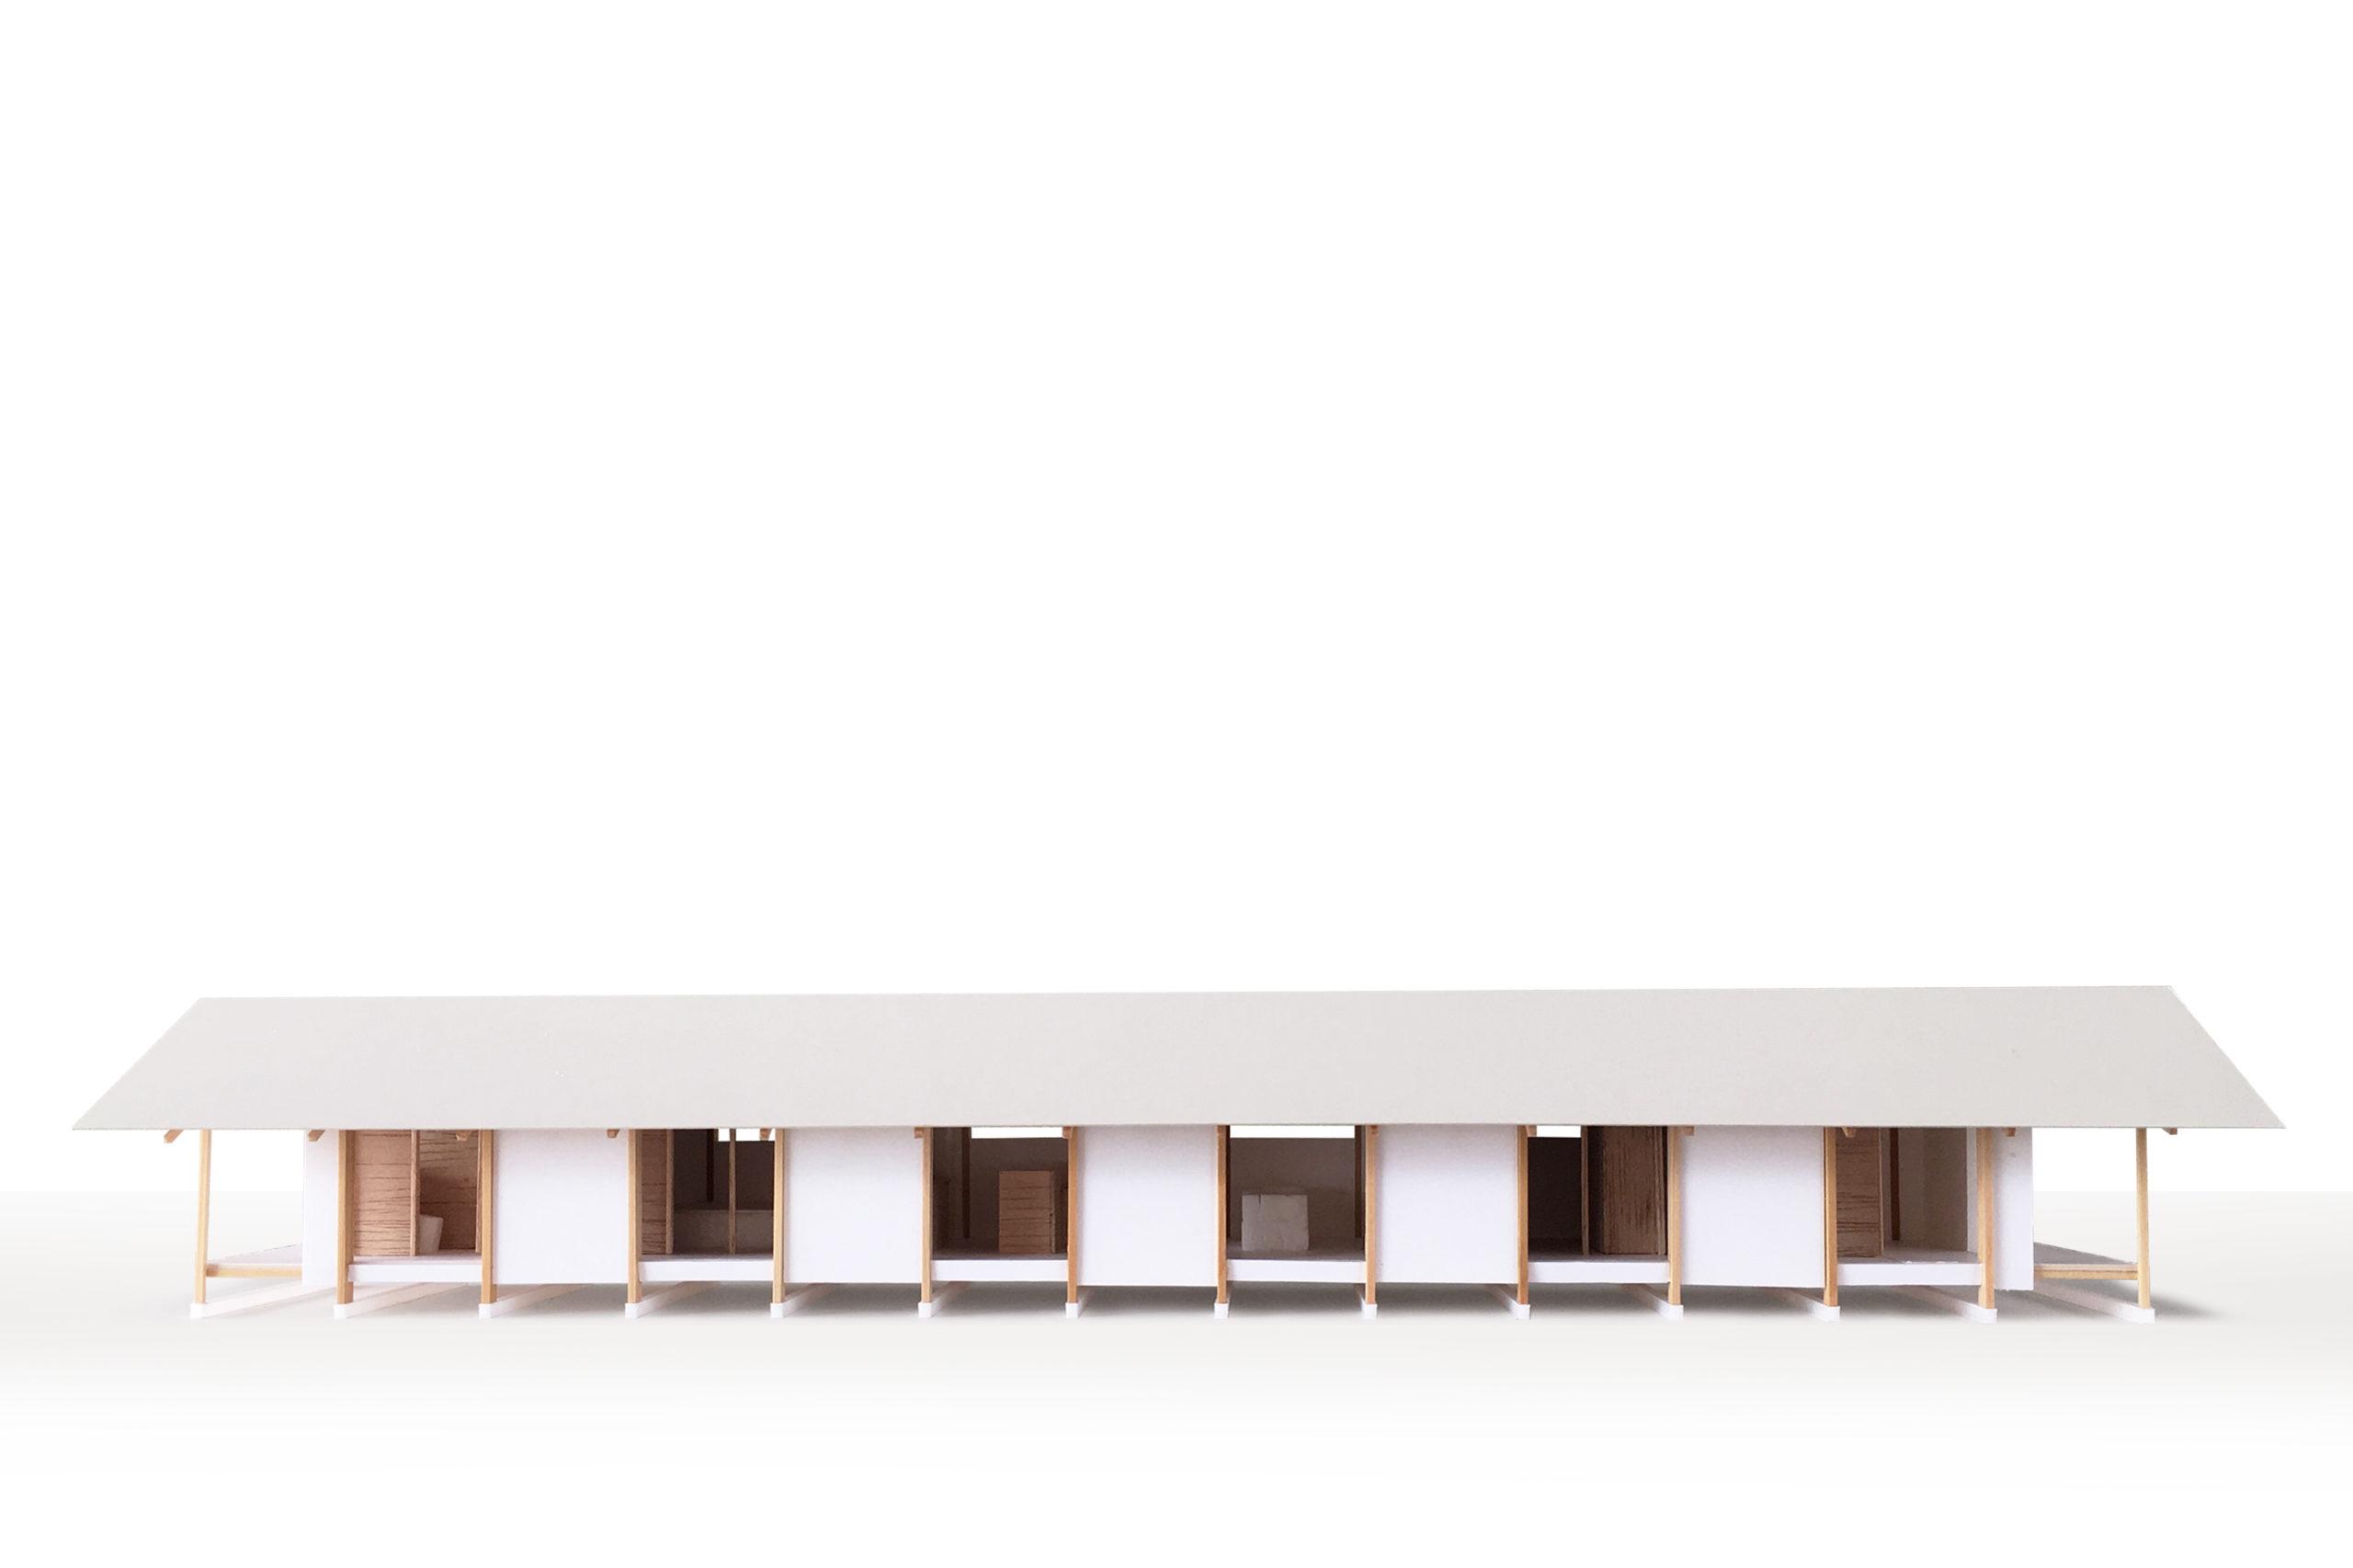 狛の家 House in Koma